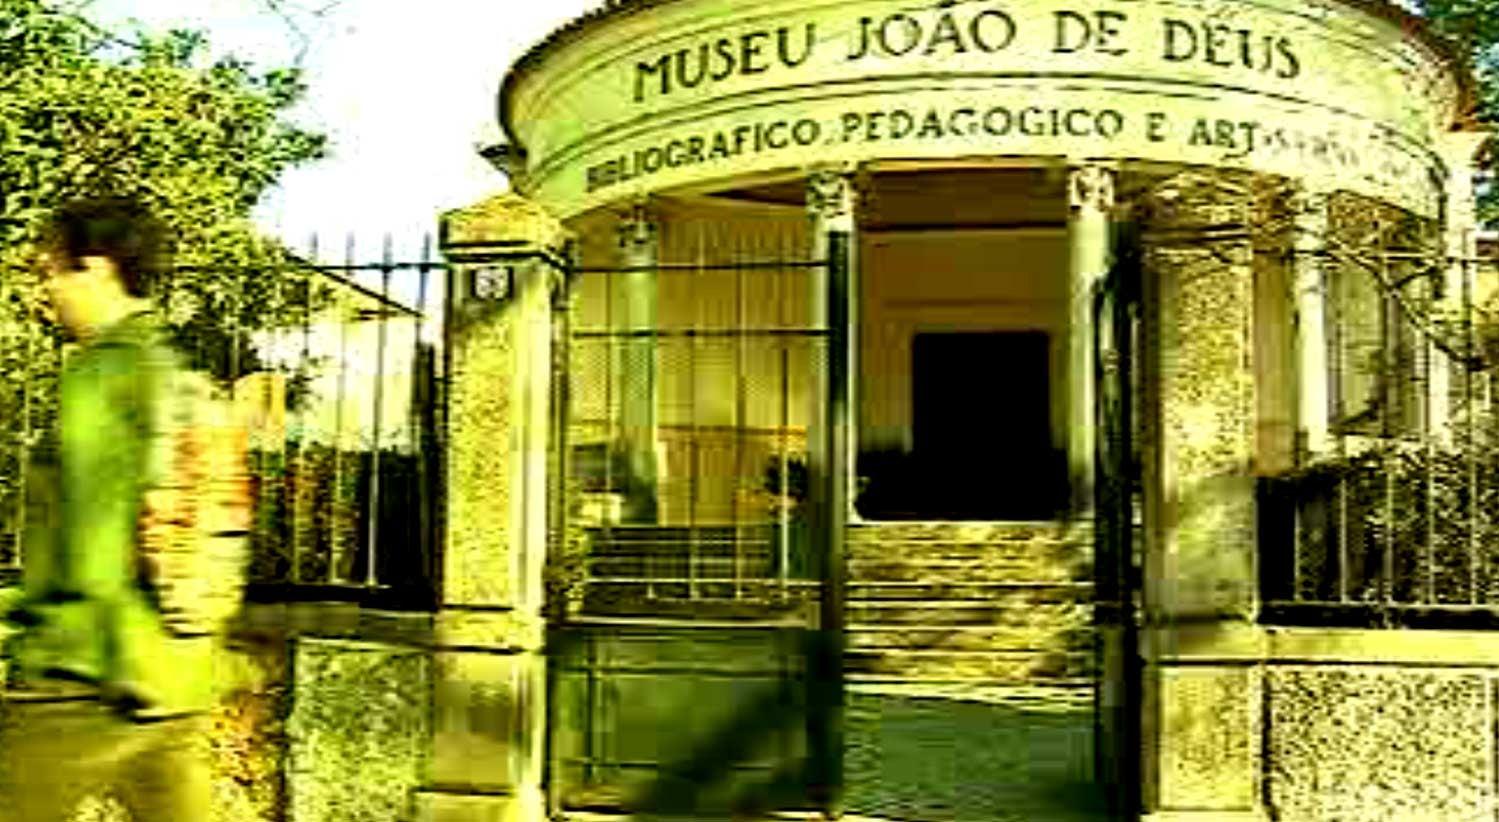 79eb3053931 IPSS João de Deus com marcas de luxo entre os fornecedores - País ...